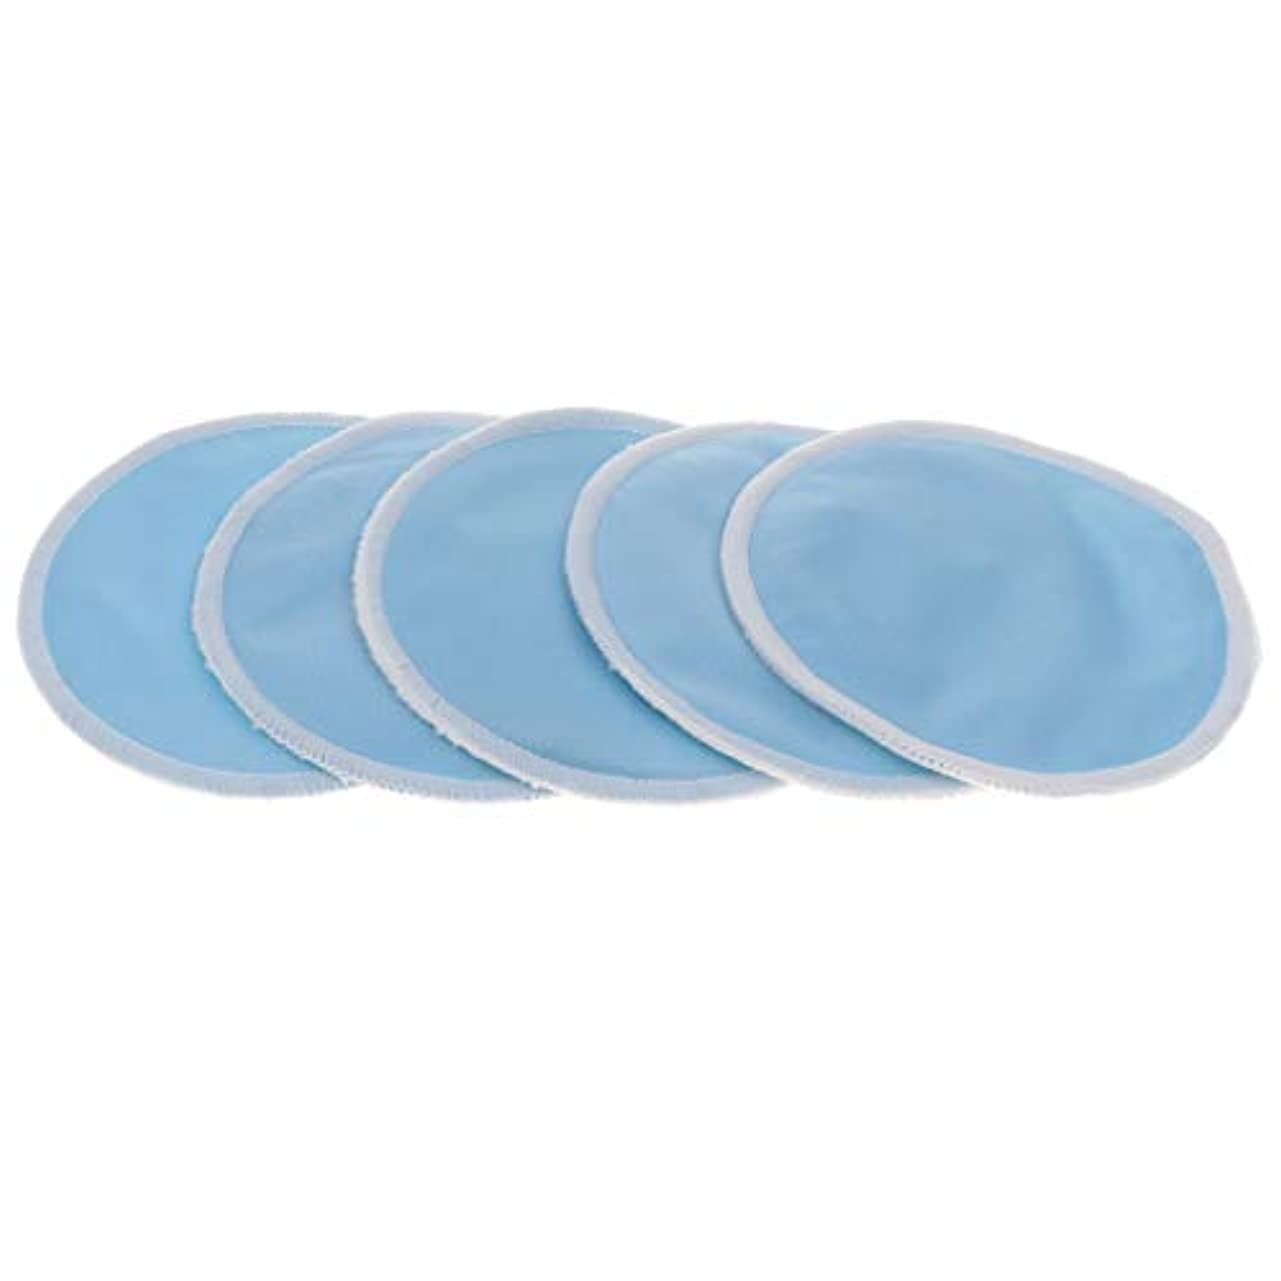 ブレーク外交問題証言胸パッド クレンジングシート メイクアップ 竹繊維 円形 12cm 洗濯可能 再使用可 5個 全5色 - 青